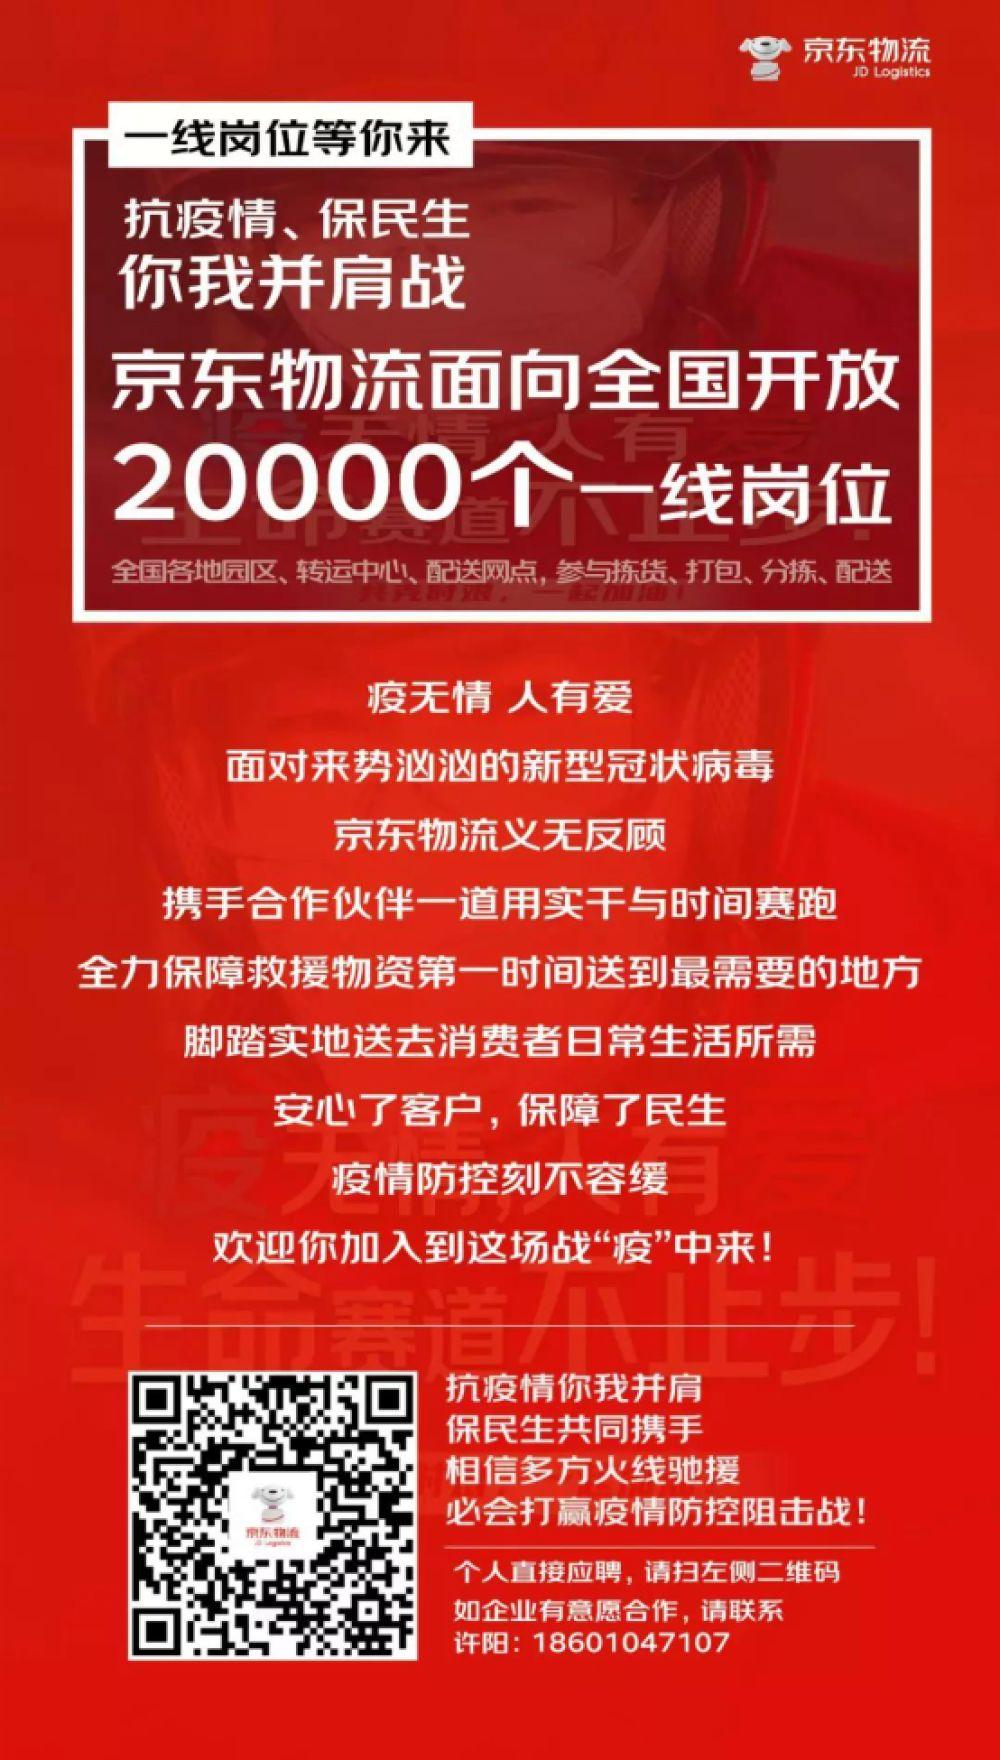 抗疫情 穩就業 京東集團、達達集團將聯合招募超35000個正式及臨時員工